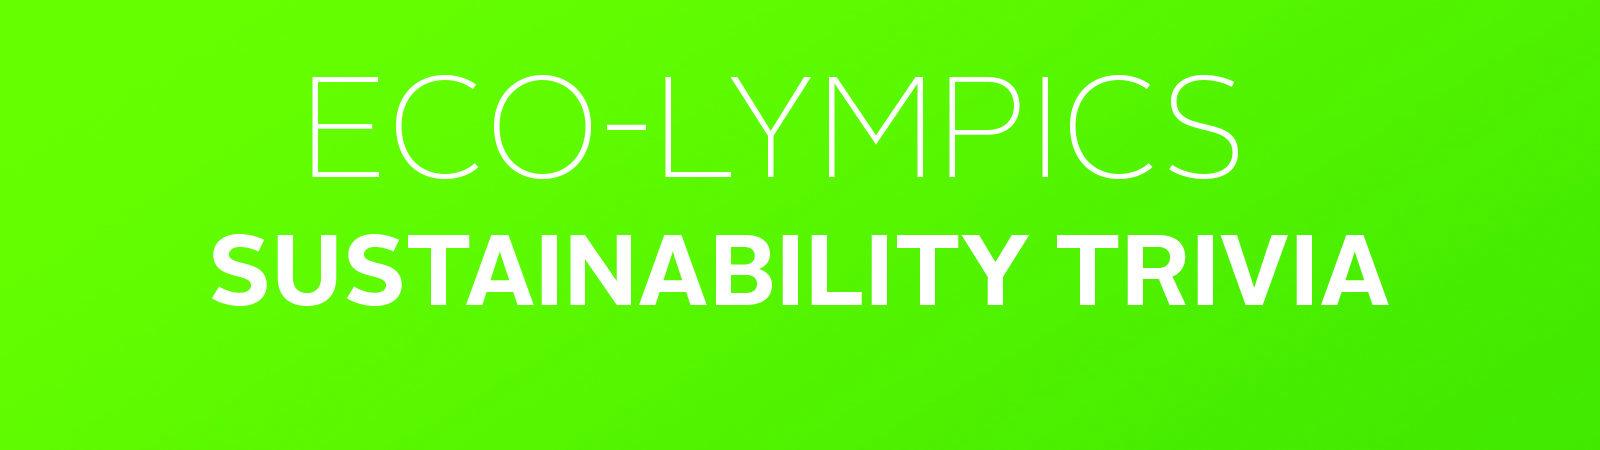 Eco-lympics sustainability trivia